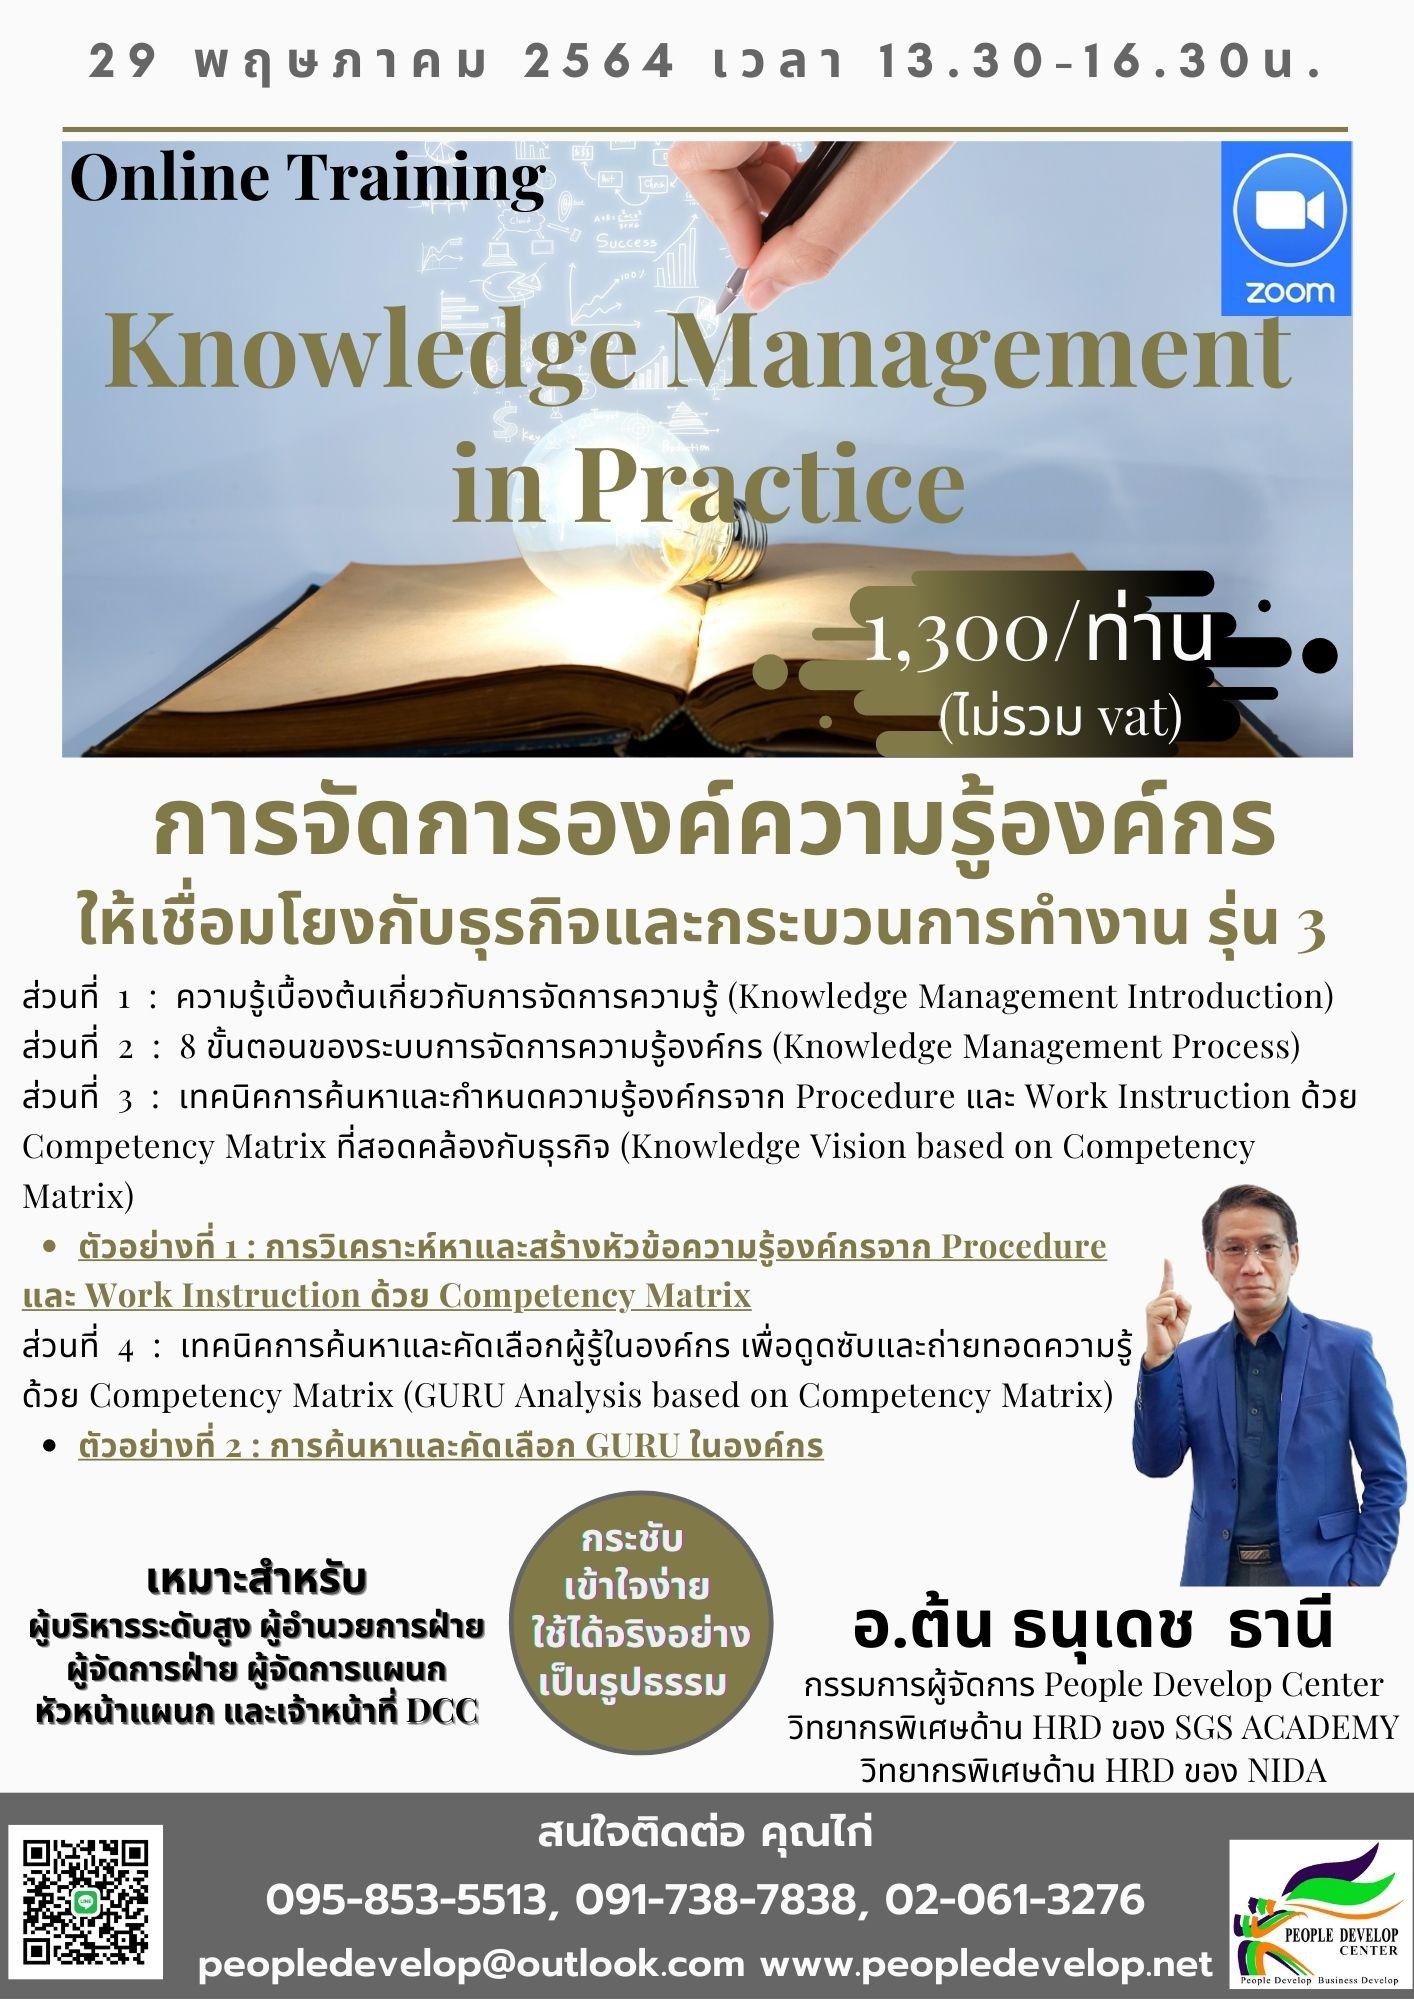 การจัดการองค์ความรู้องค์กร ให้เชื่อมโยงกับธุรกิจและกระบวนการทำงาน รุ่นที่ 3  (Knowledge Management in Practice) : 29 พฤษภาคม 2564